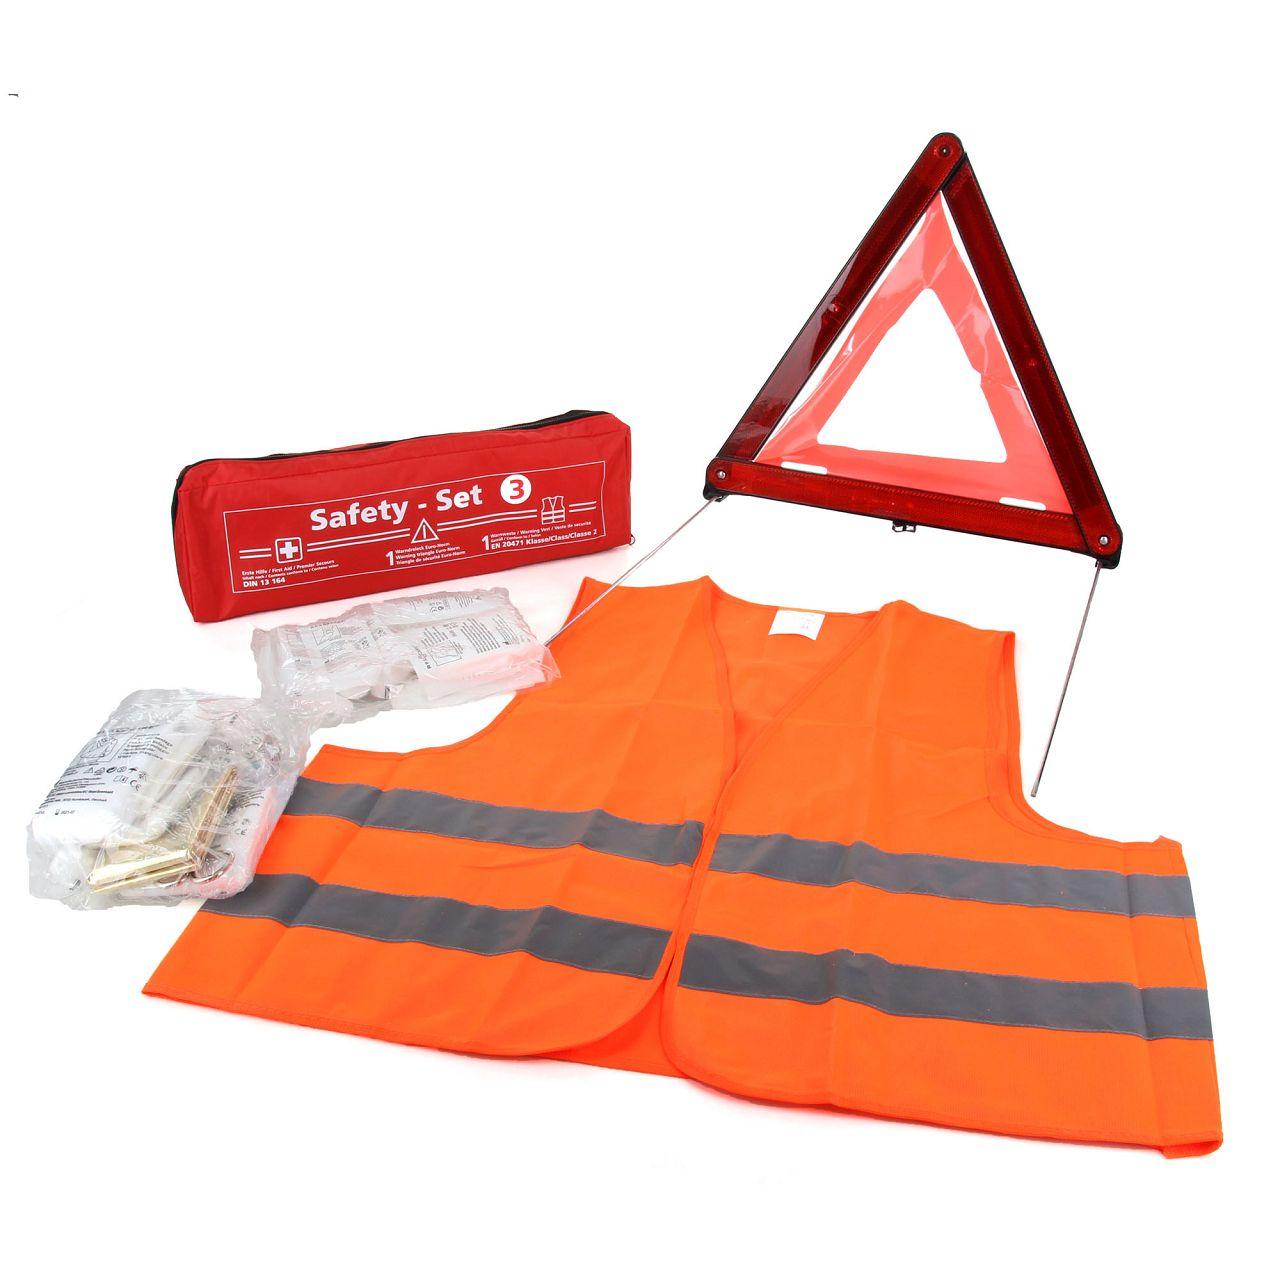 Pannenset Notfall Erste Hilfe Warndreieck Warnweste Verbandstasche MHD 09.2024